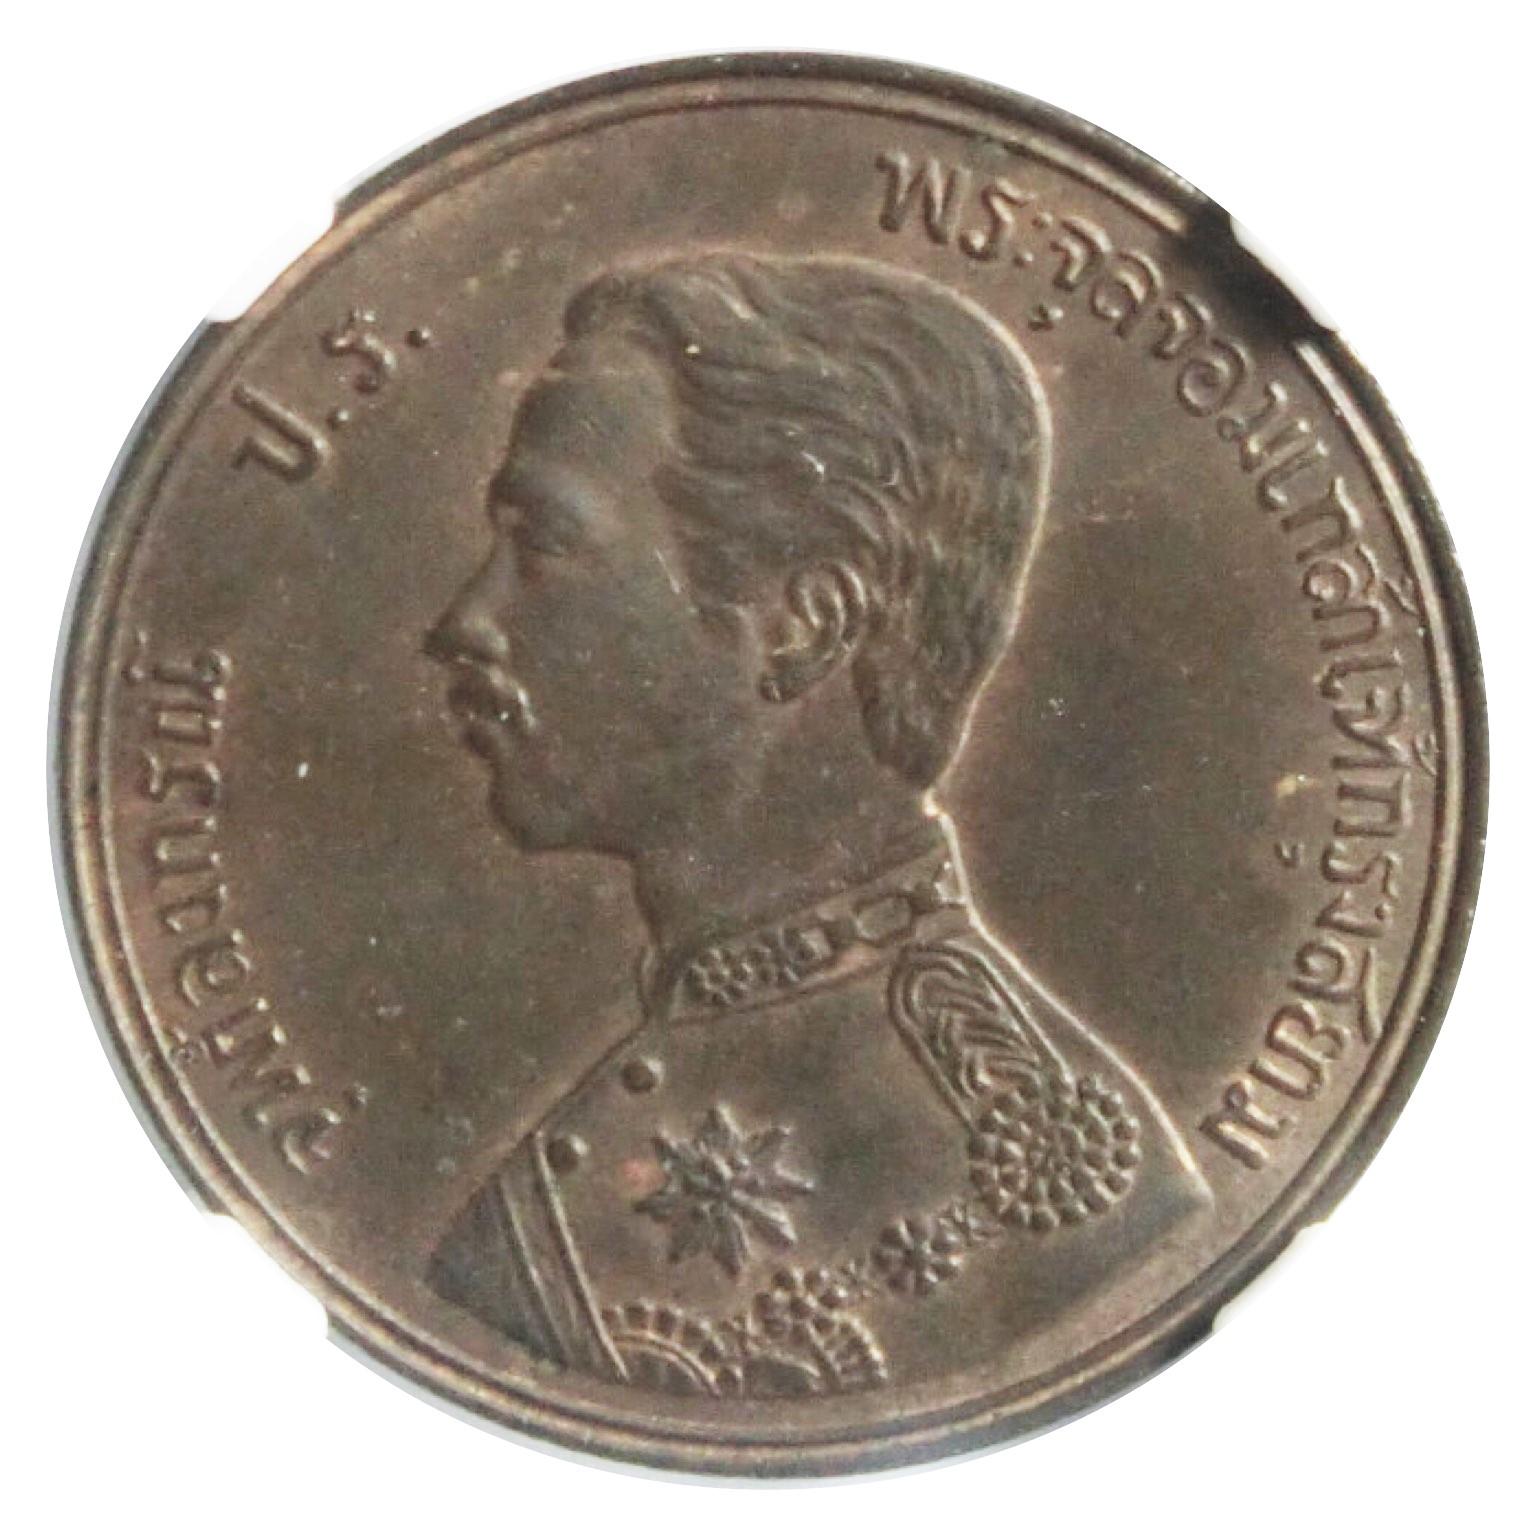 เหรียญกษาปณ์ทองแดง พระสยาม รัชกาลที่๕ ชนิด๑อัฐ MS63